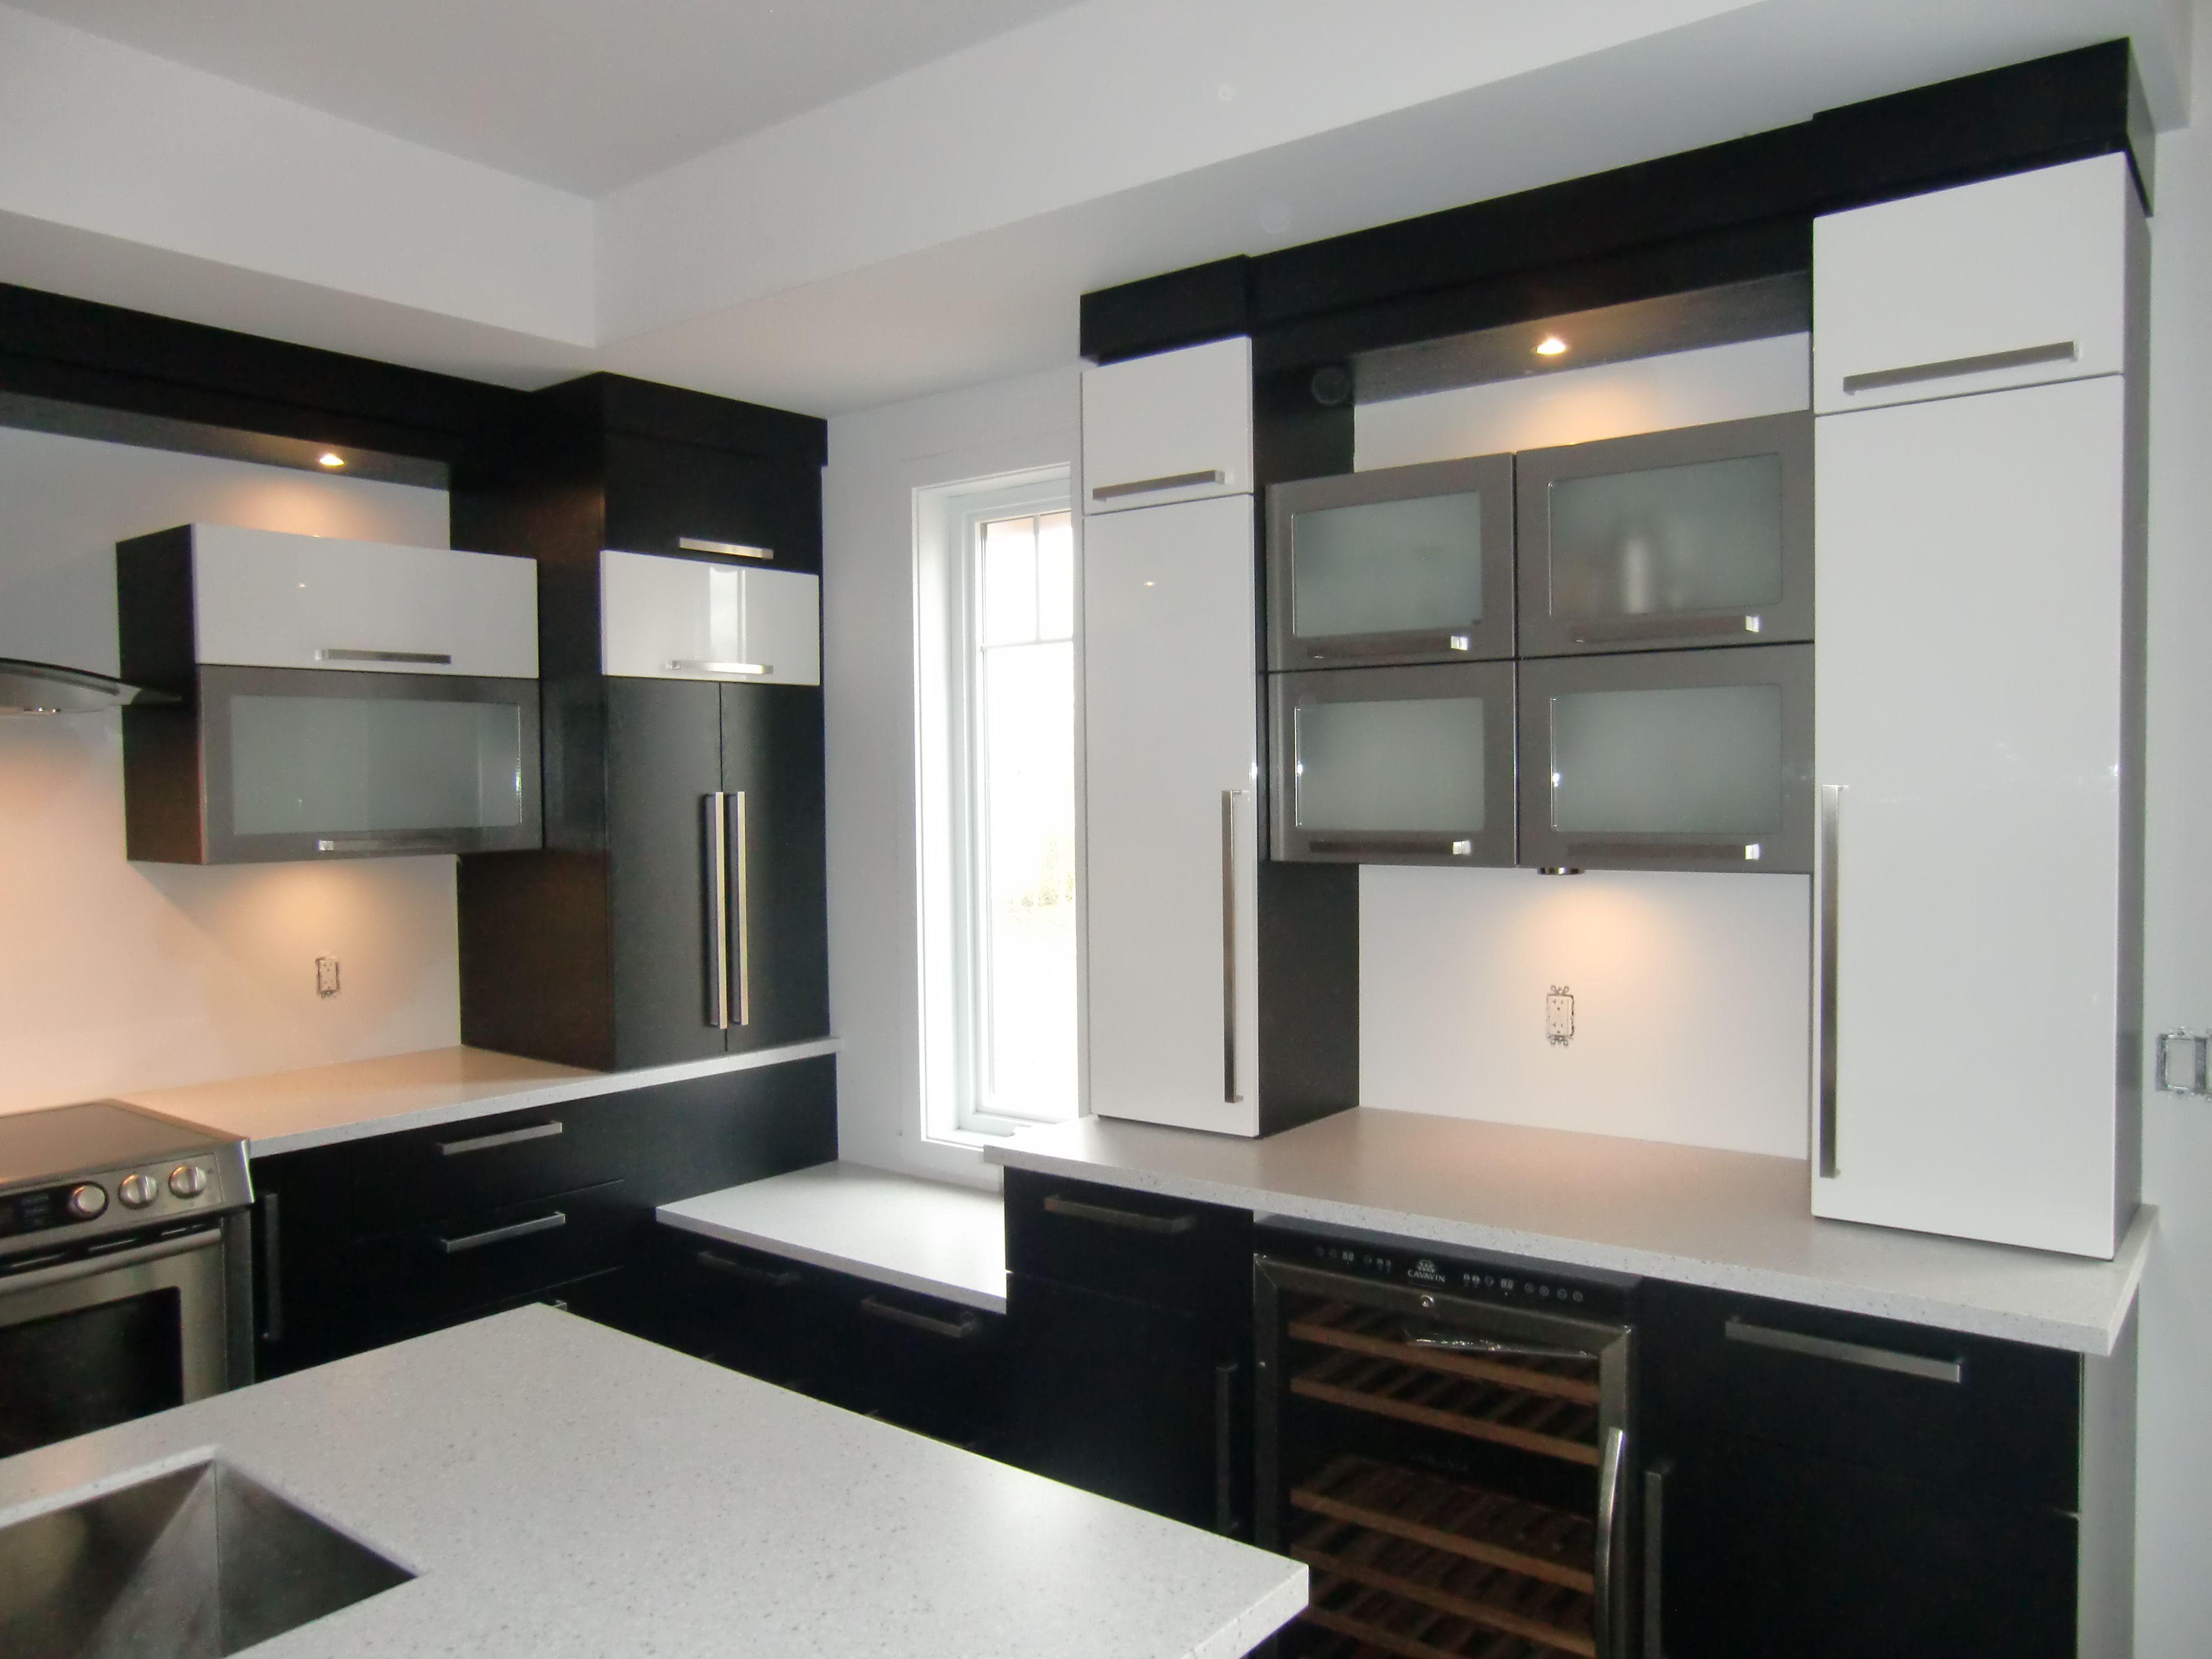 Armoire de cuisine style moderne en thermoplastique couleur noir ...